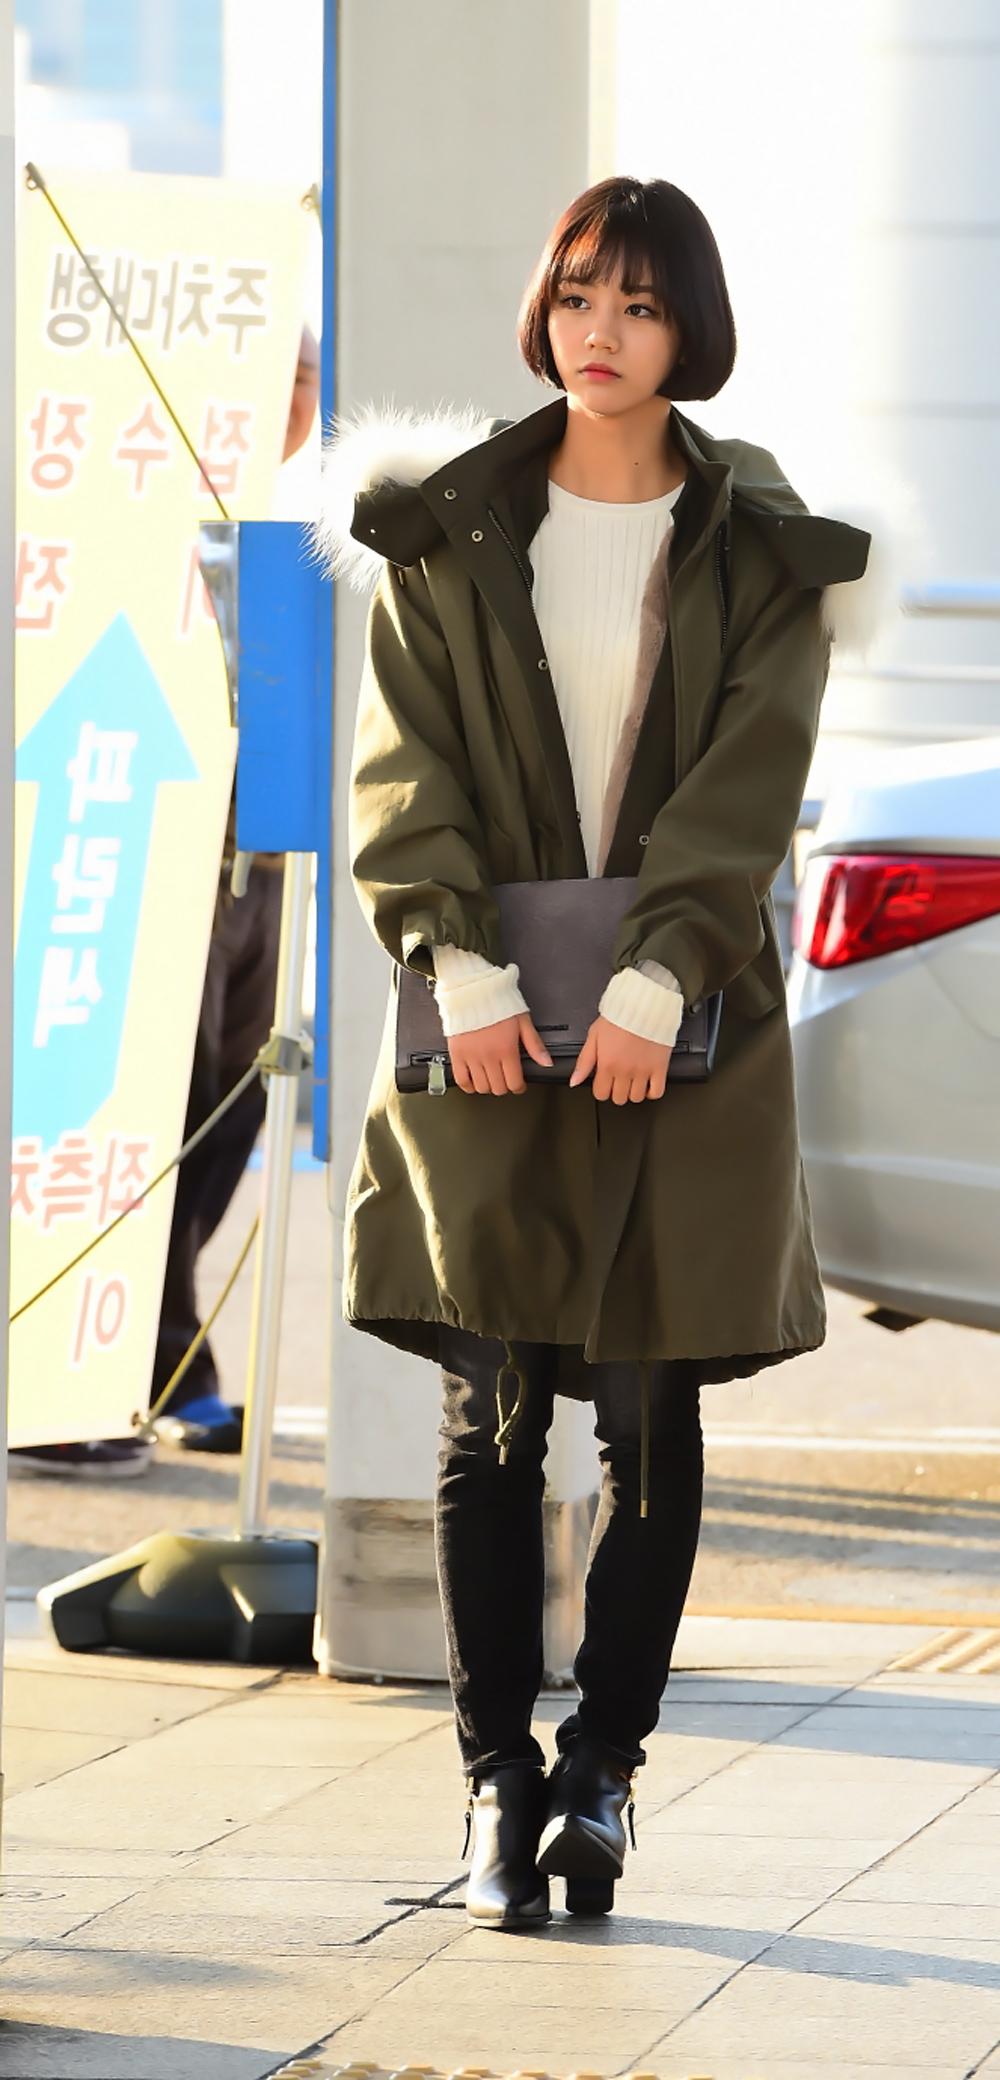 被韓國網友點名的最強死守素顏者入圍名單有誰呢?